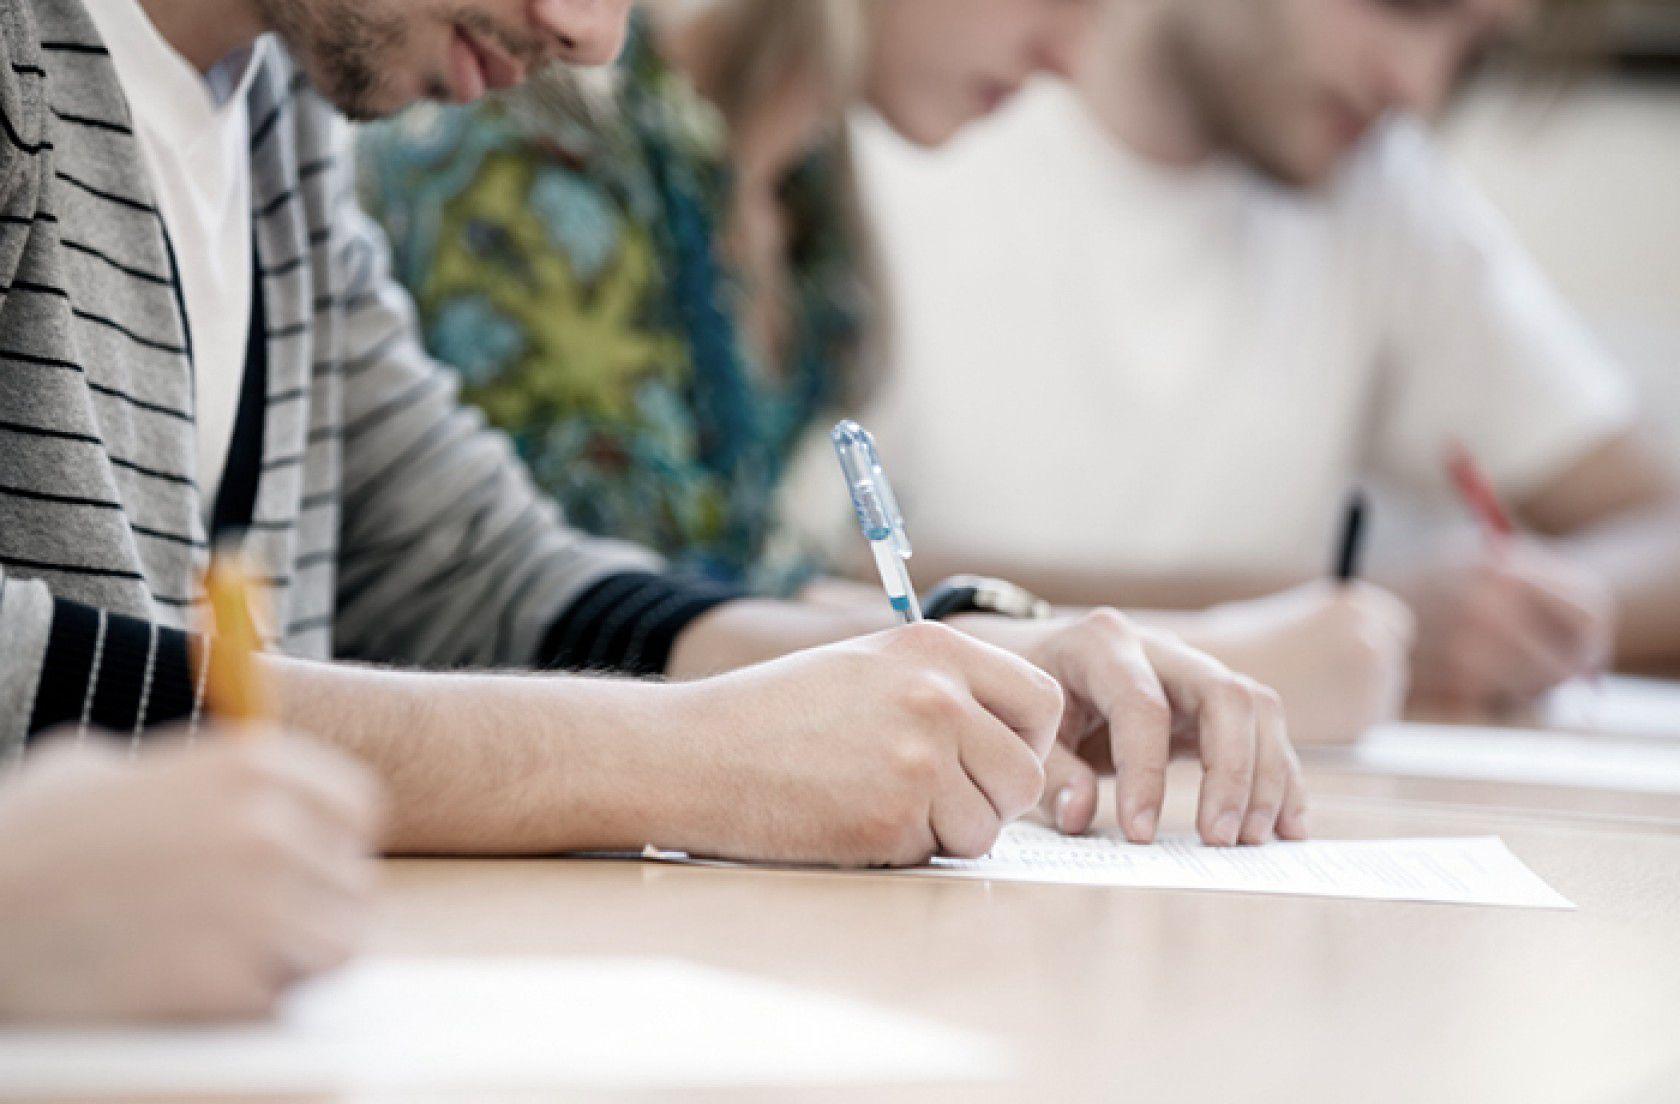 GRE Sınavı'nda Yapılacak Olan Değişiklikler Nelerdir?